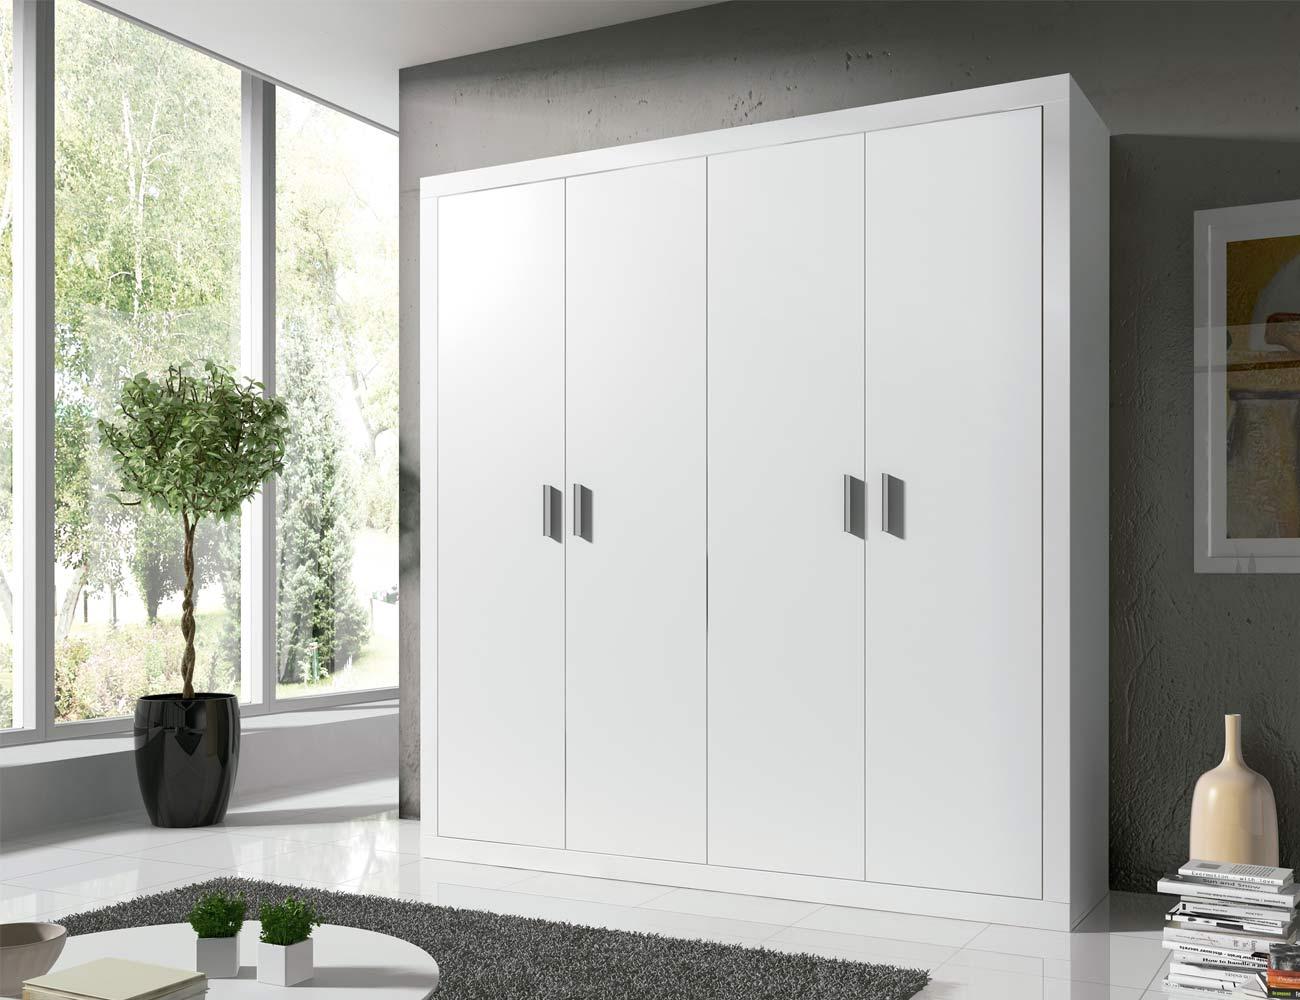 Armario moderno de 4 puertas abatibles en color blanco for Armarios puertas abatibles